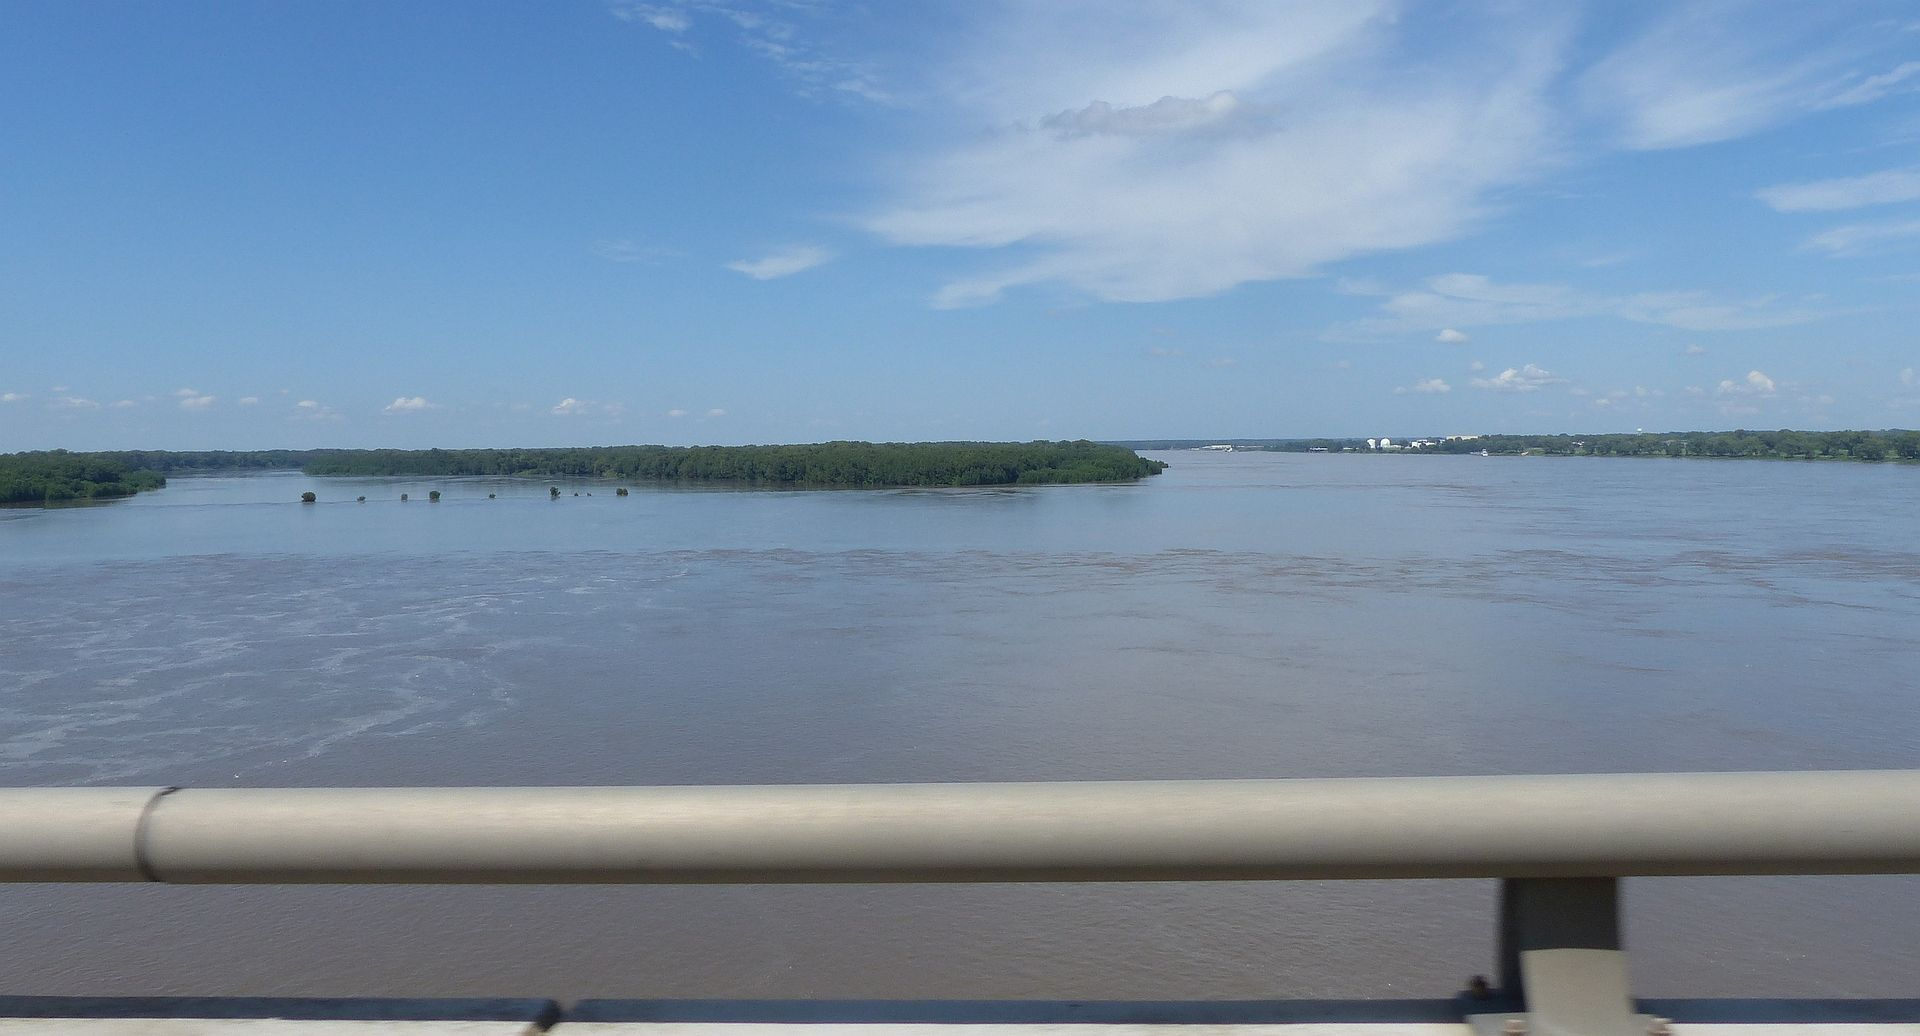 P2160609 mississippi river high at memphis september 2018